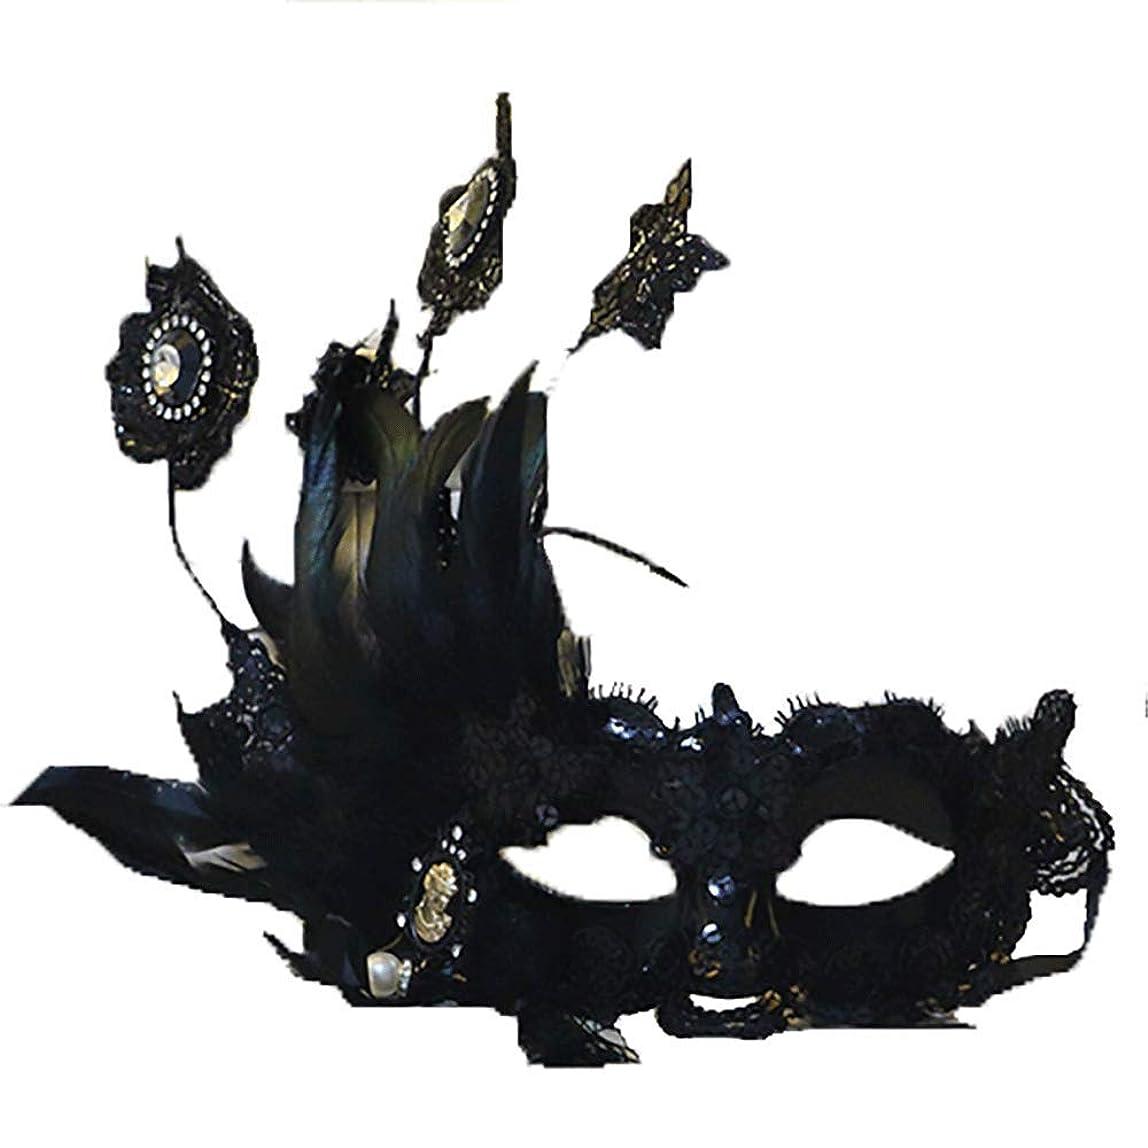 気づく放射性株式会社Nanle Halloween Ornate Blackコロンビーナフェザーマスク